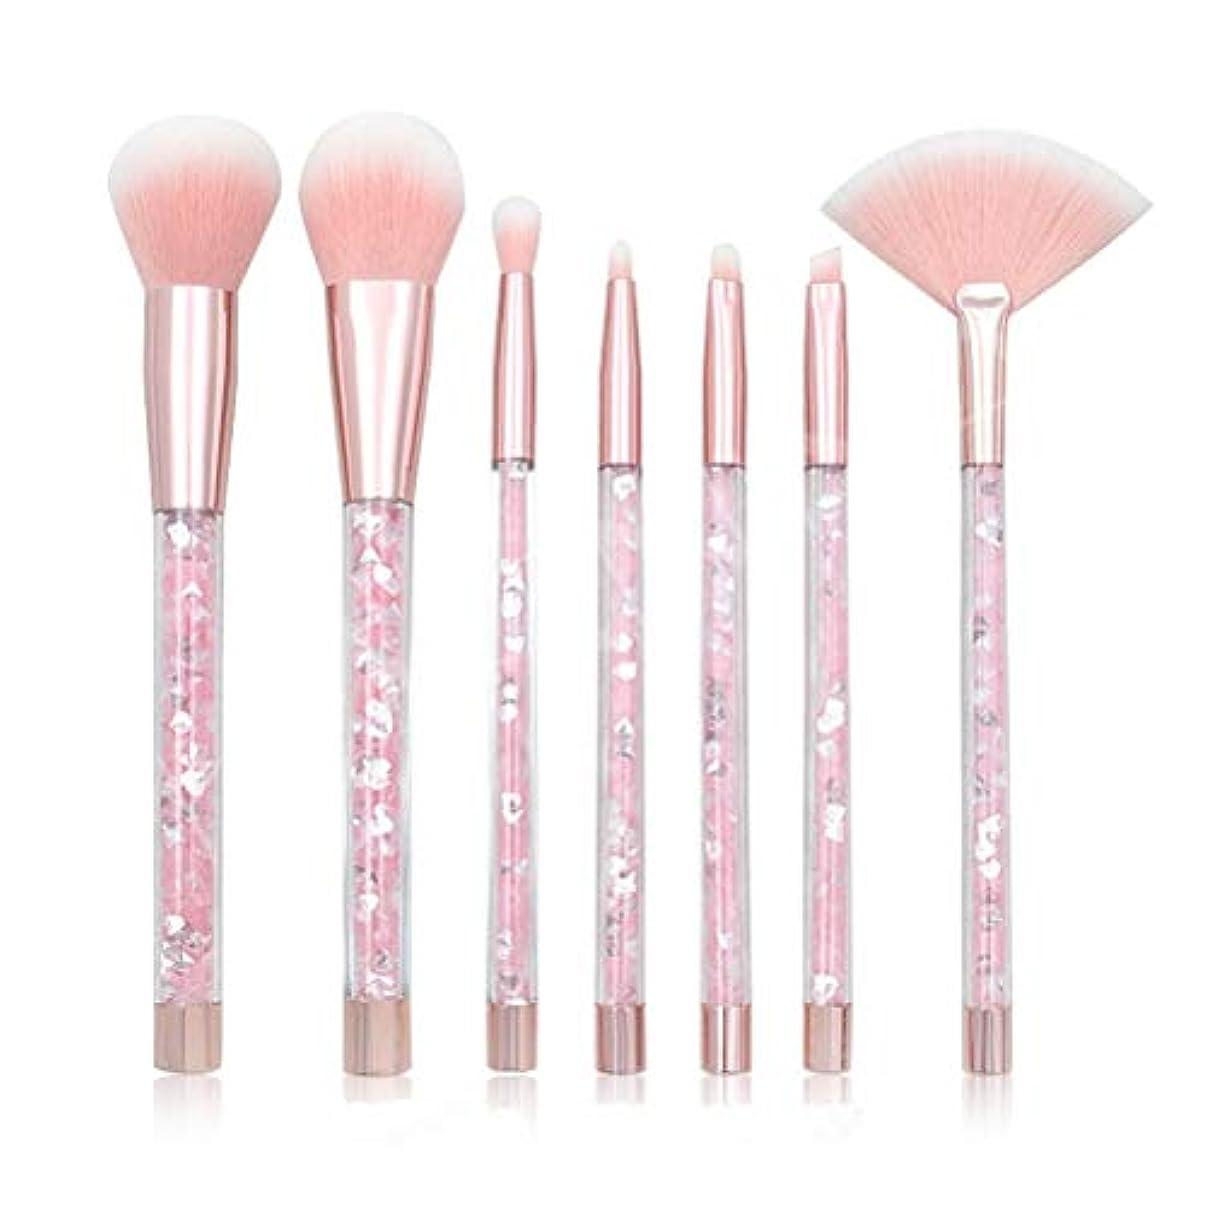 サイレンペニー贅沢LSHJP 化粧ブラシ 7個セット 化粧道具 レディース ビューティー きれいめ 簡単 カジュアル 便利 お出かけ 高品質 (Color : LightPink, Size : ワンサイズ)